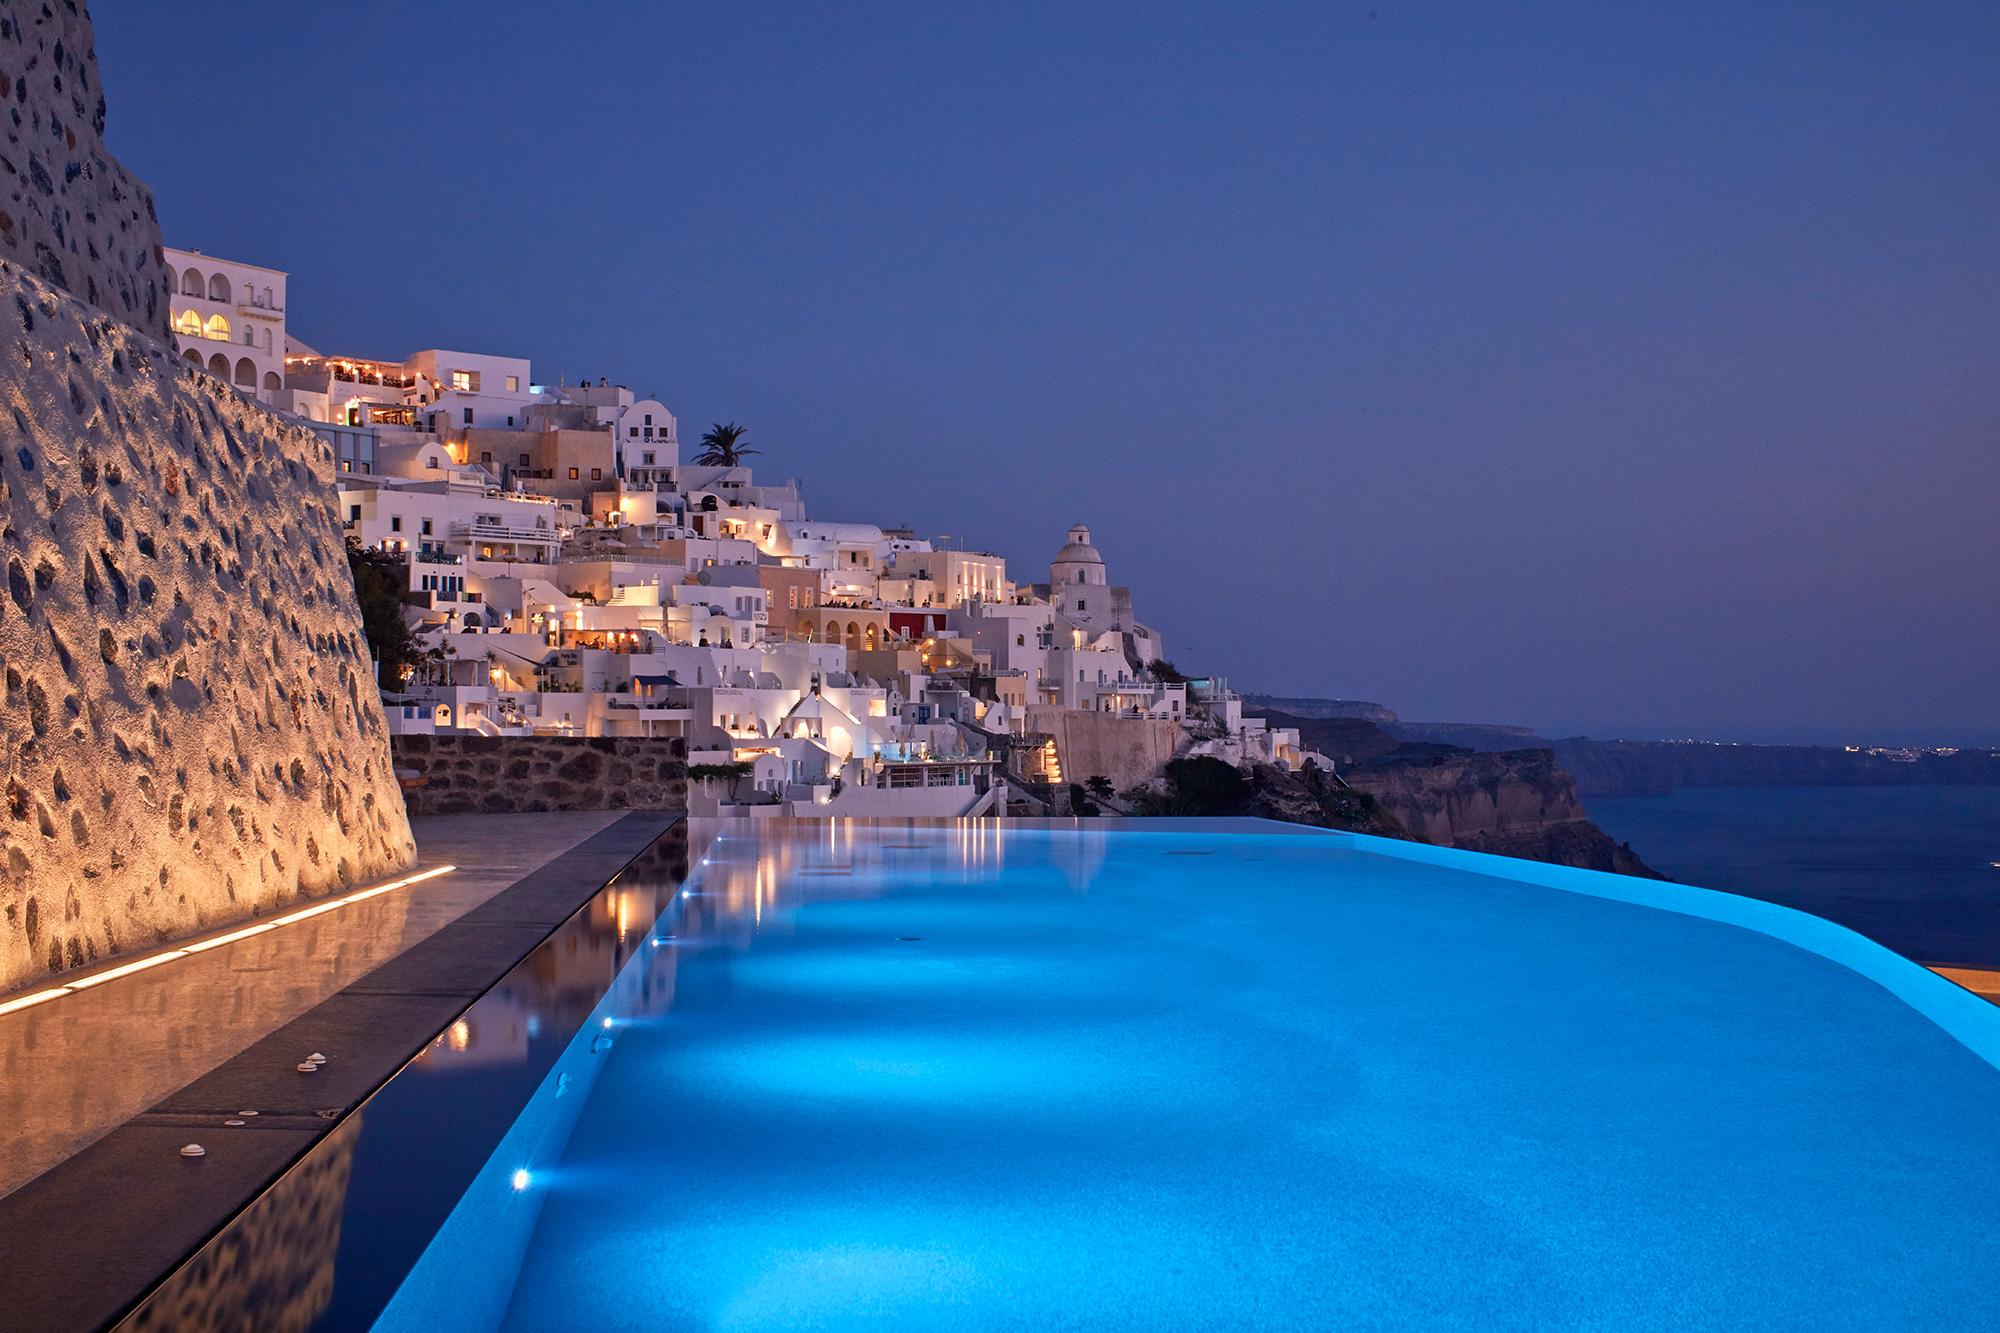 Piscine à débordement avec vue mer et colline avec maison en chaut blanche